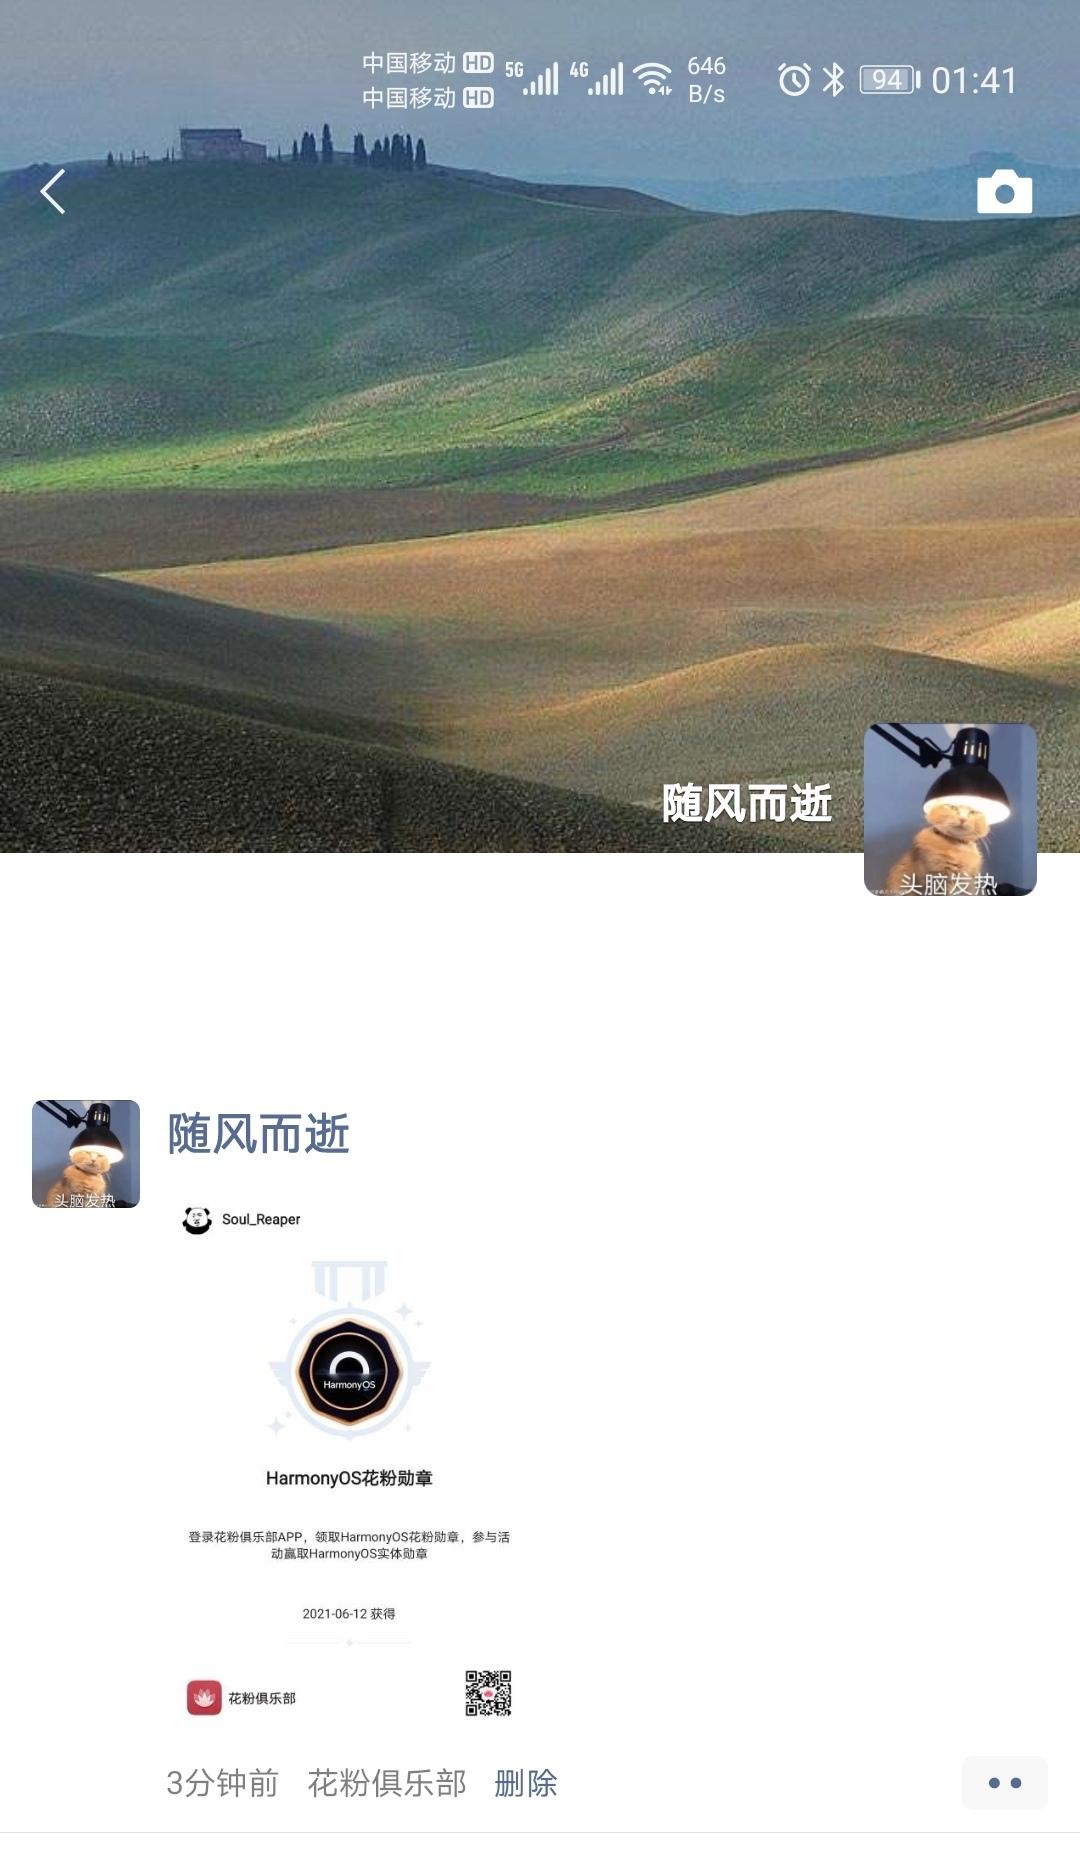 Screenshot_20210612_014147_com.tencent.mm_edit_1139431336246968.jpg